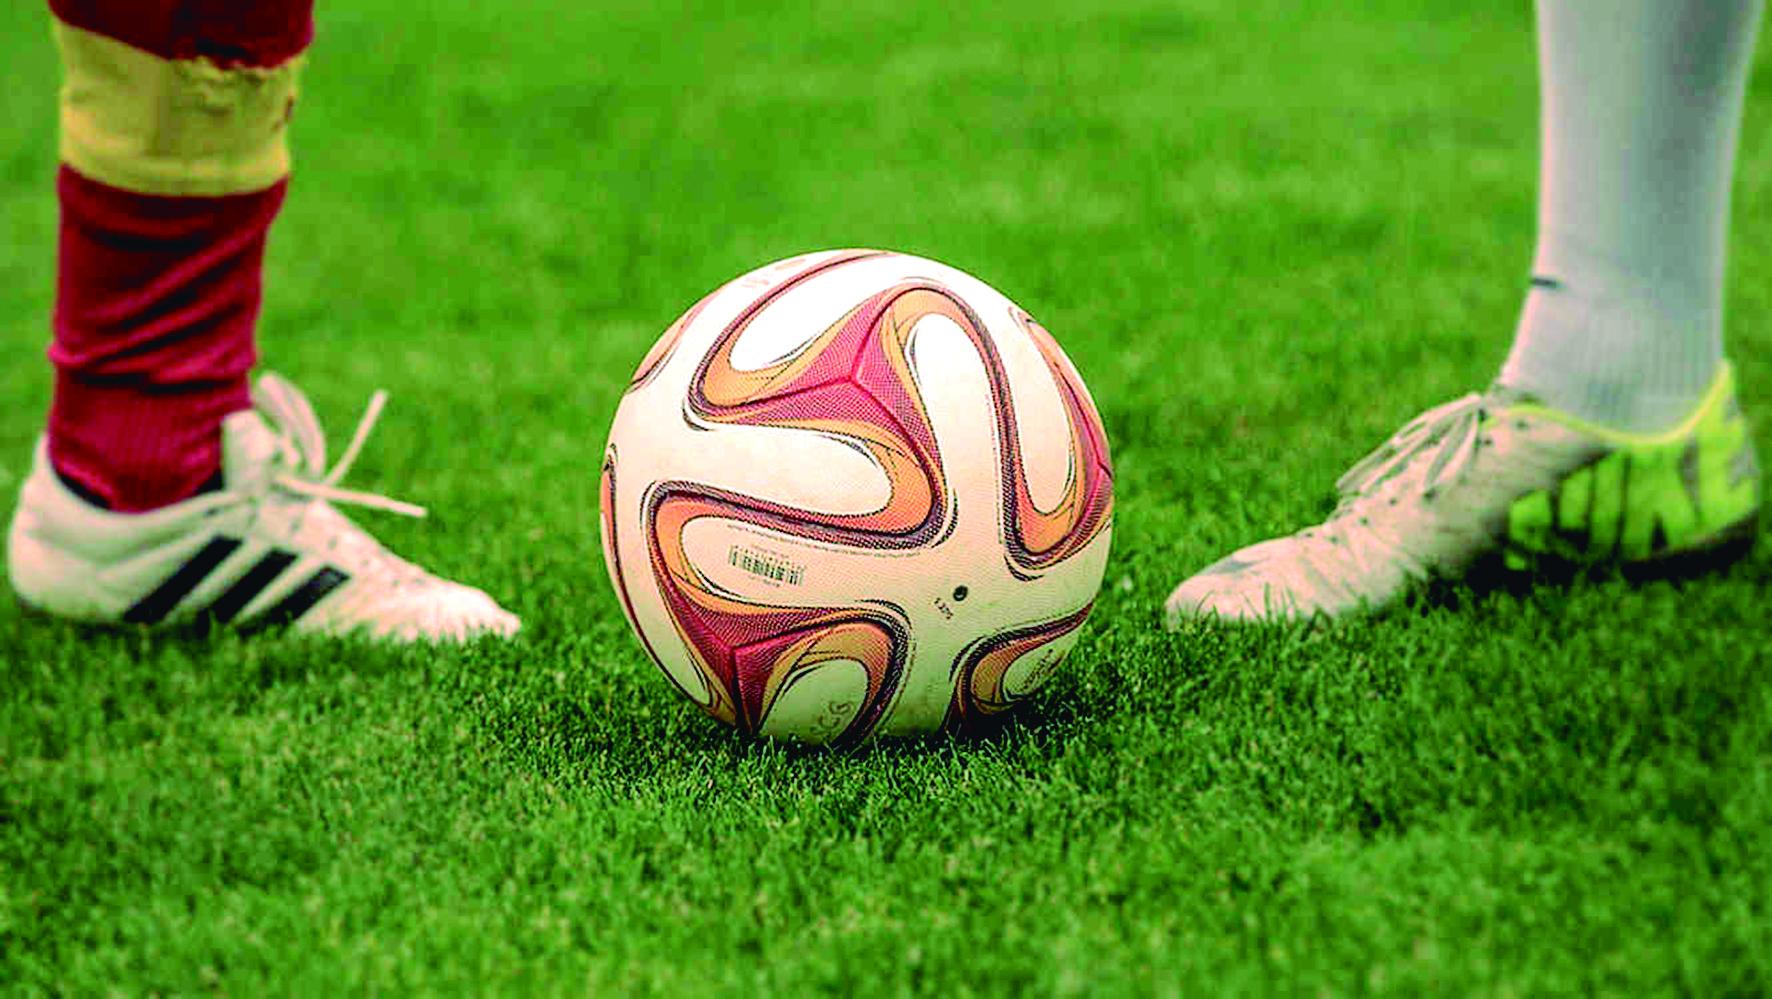 Mintrabajo garante para Dimayor, Acolfutpro y Federación | Deportes | EL FRENTE